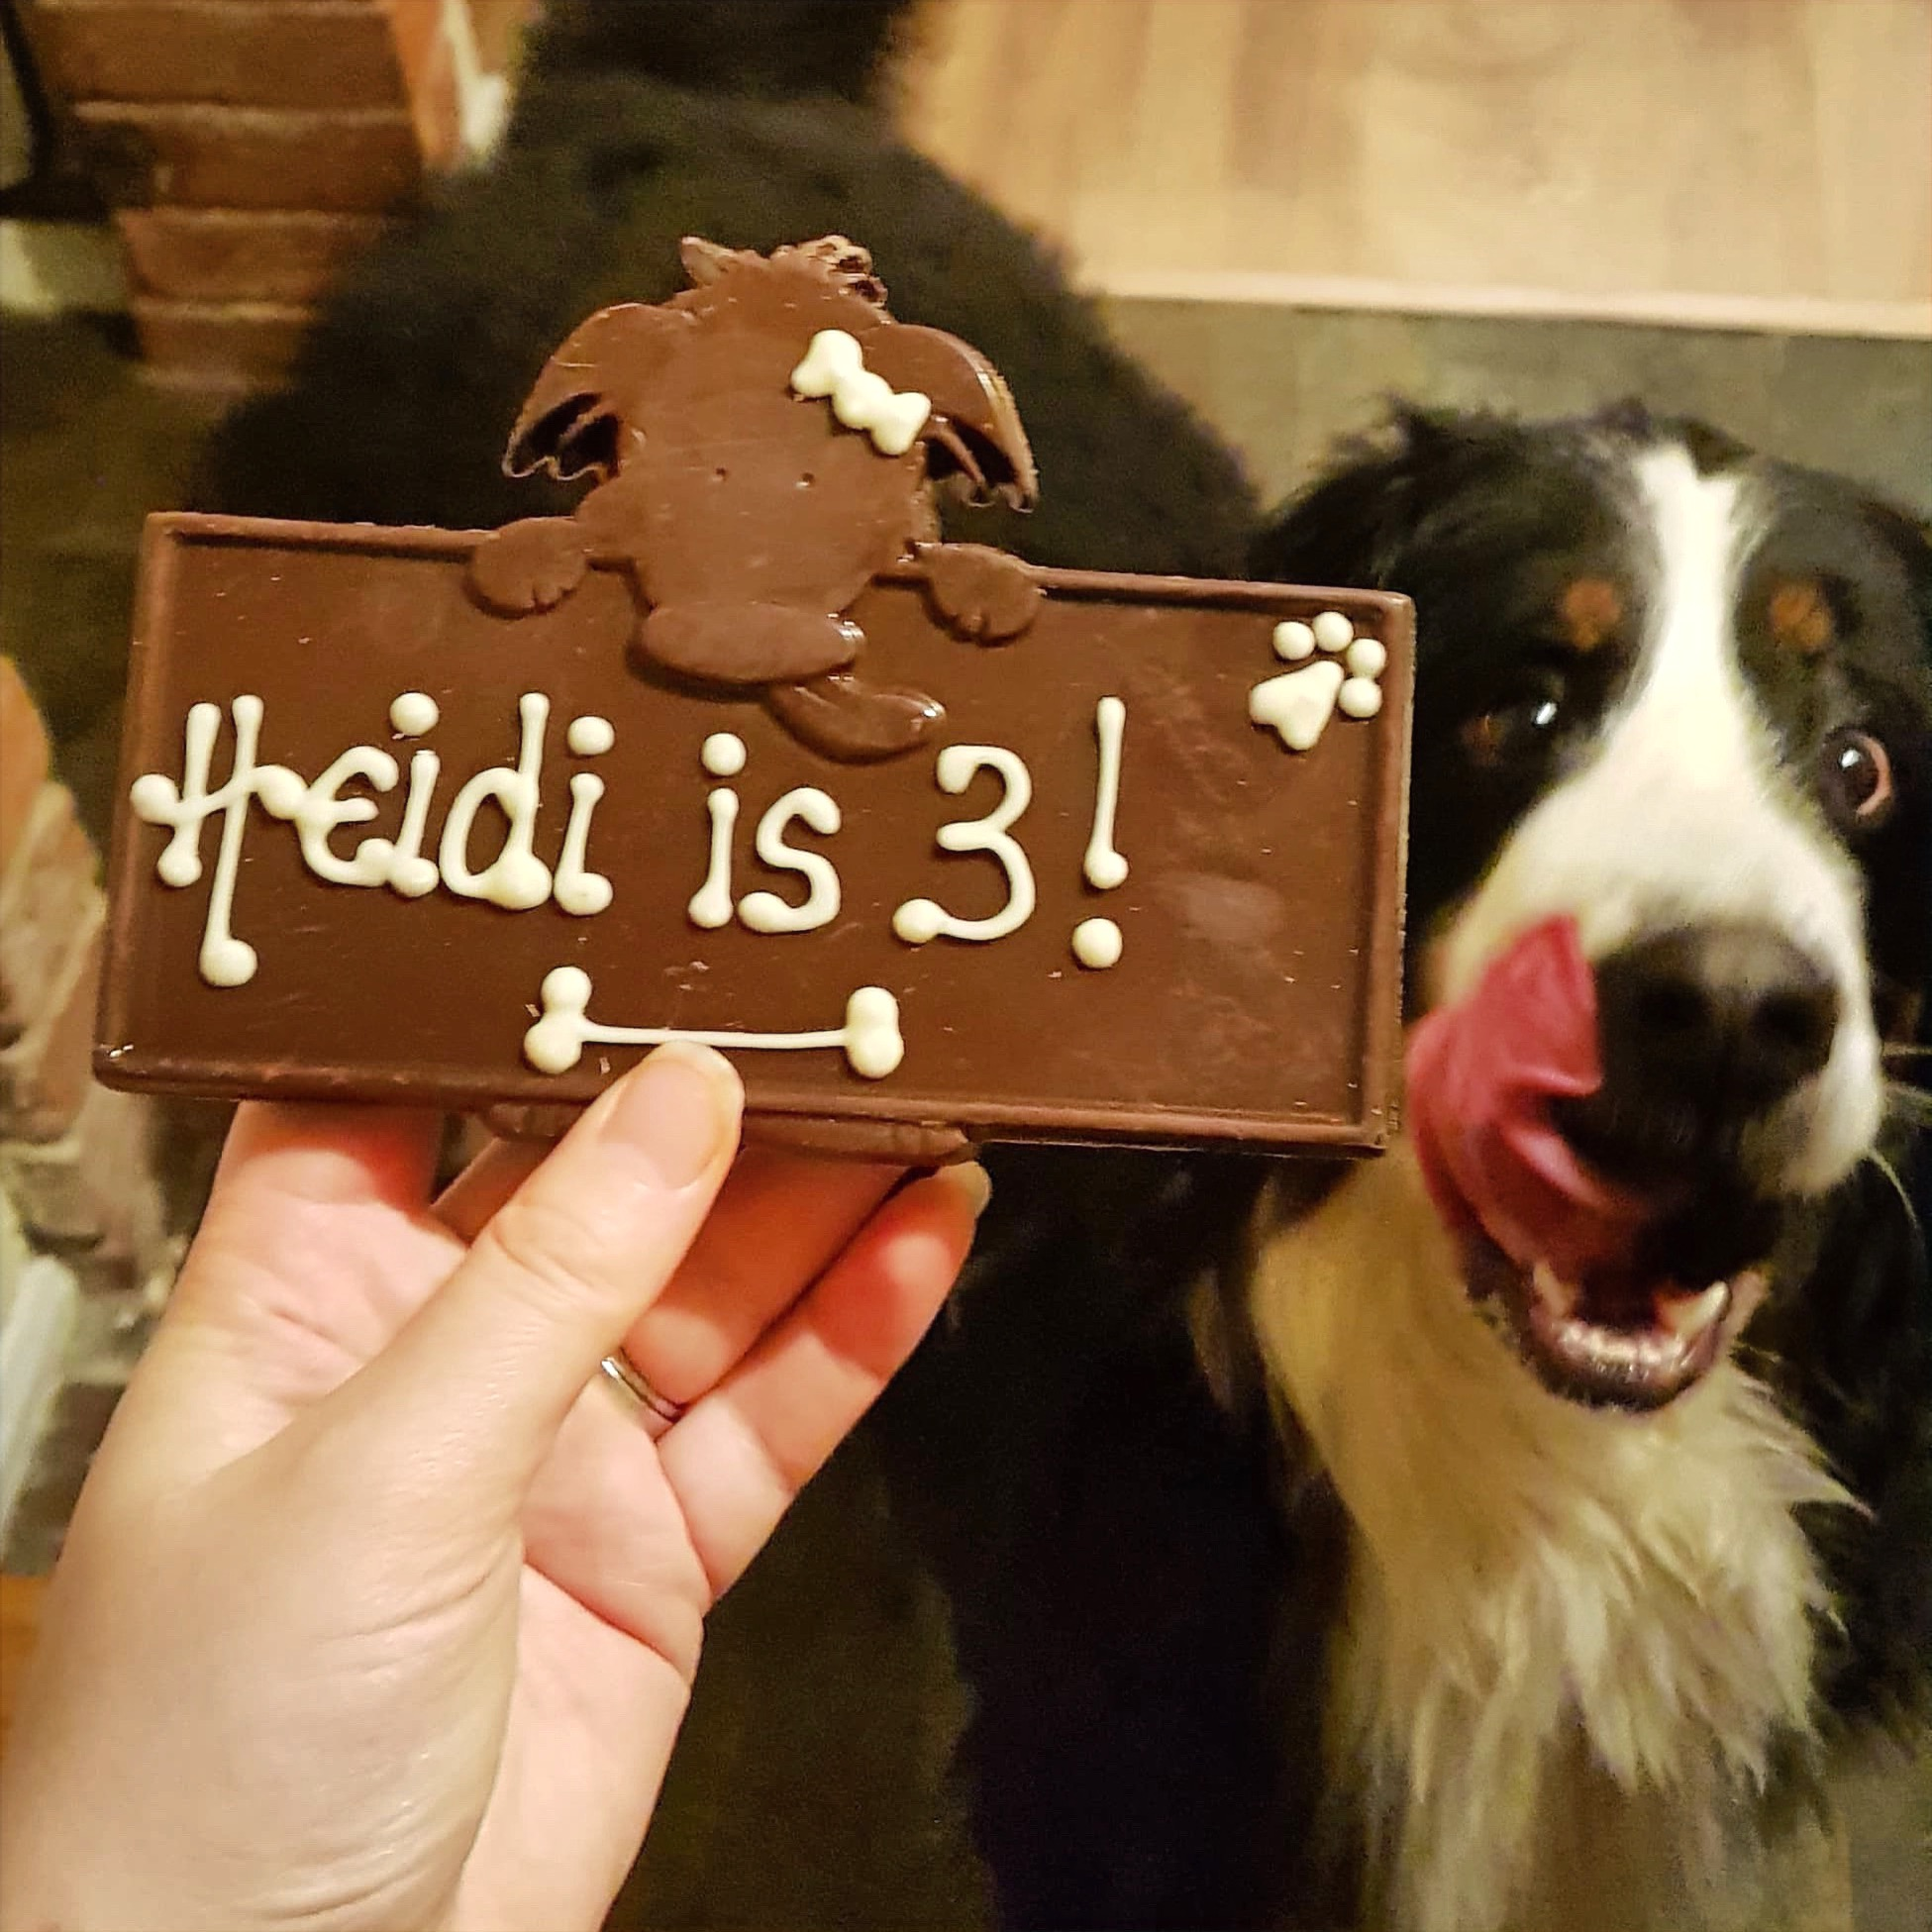 Heidi's Birthday